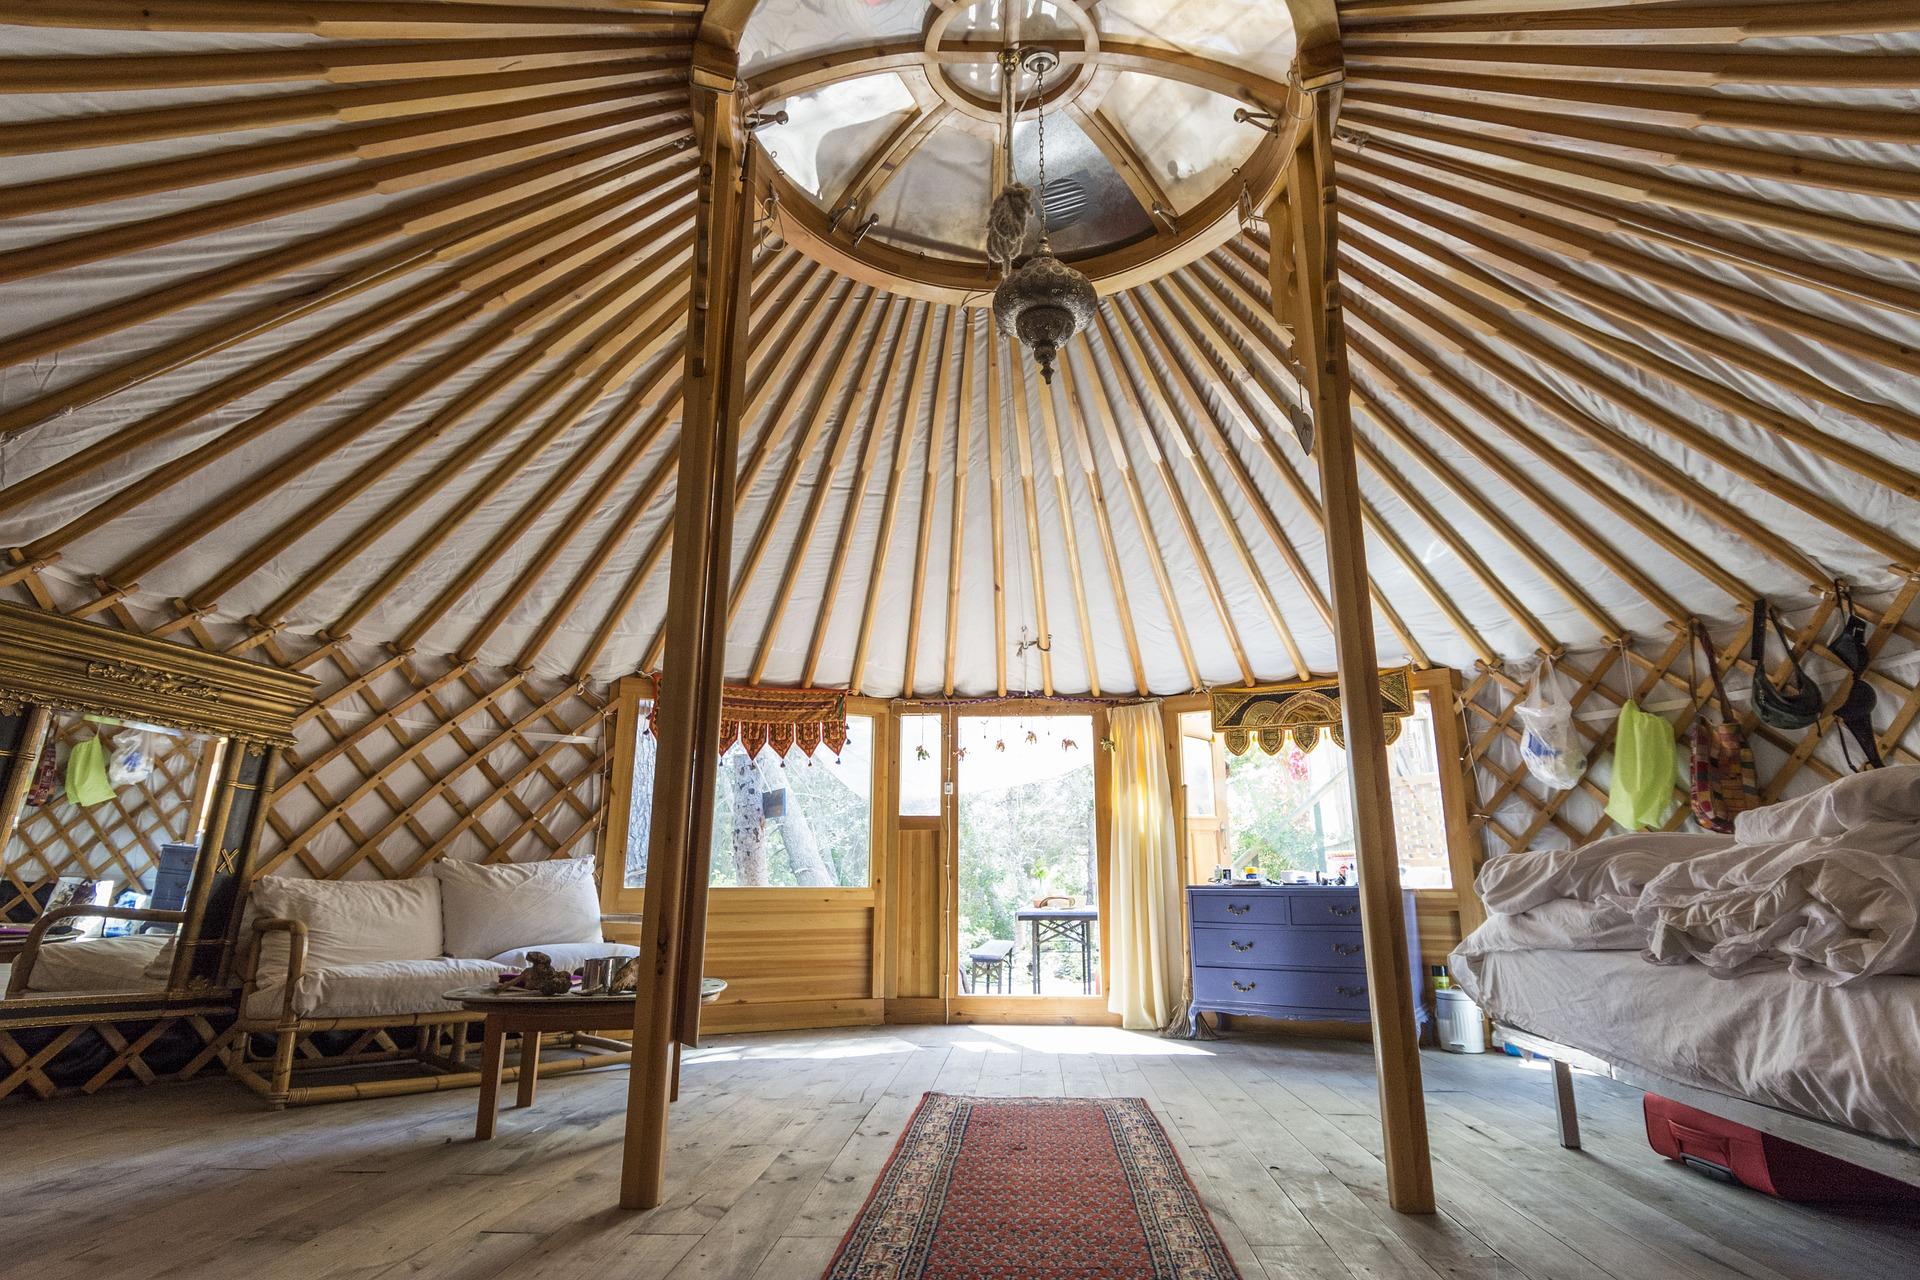 yurt-1441610_1920